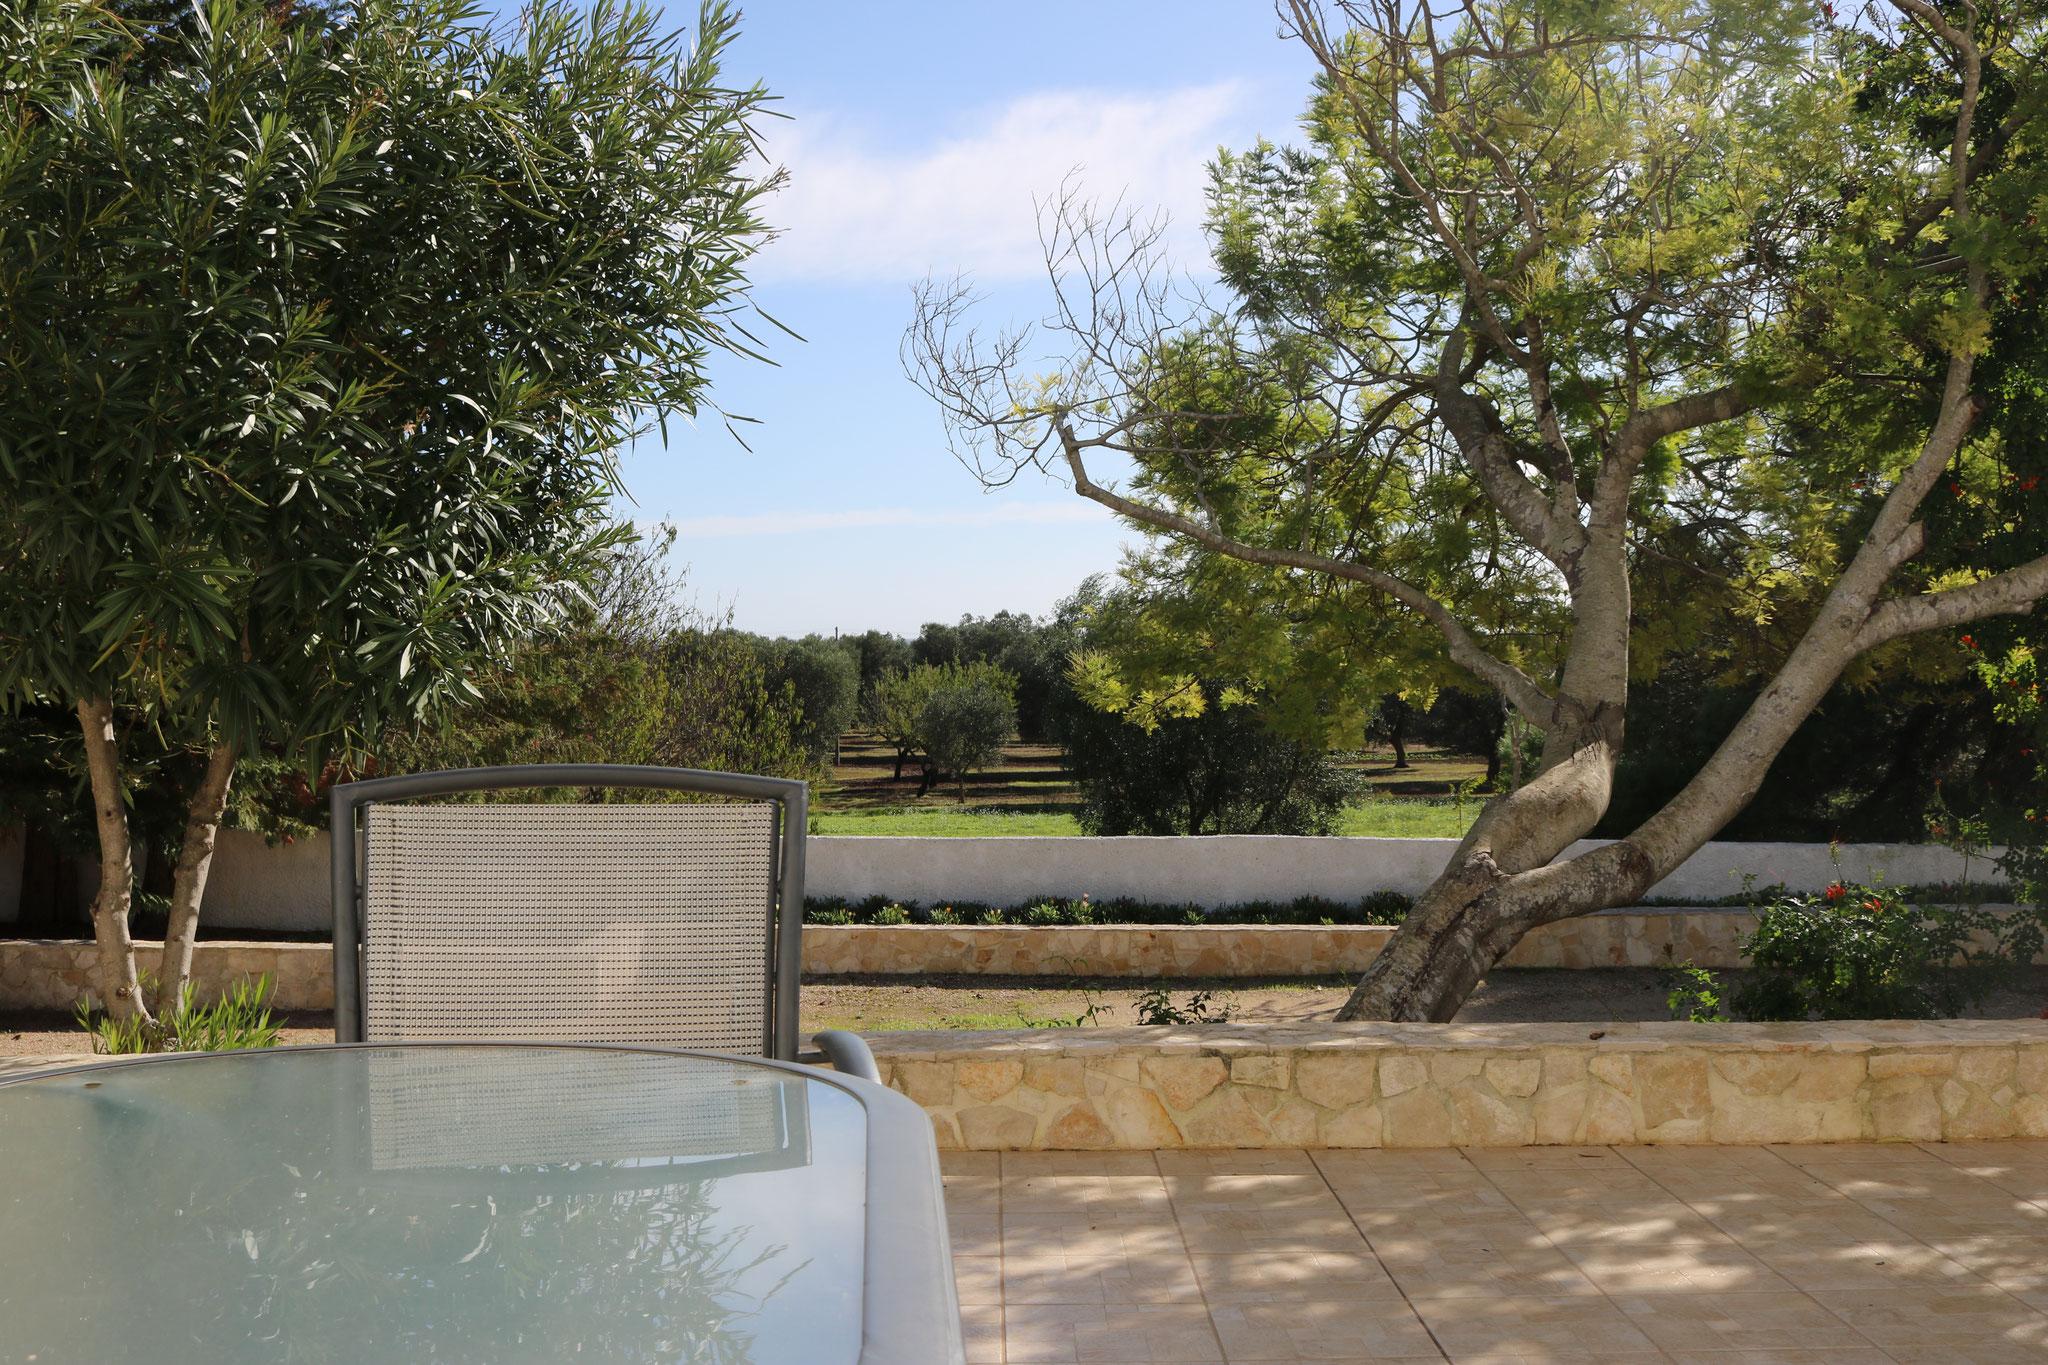 Lecce 5 - Terrasse et vue sur les oliviers